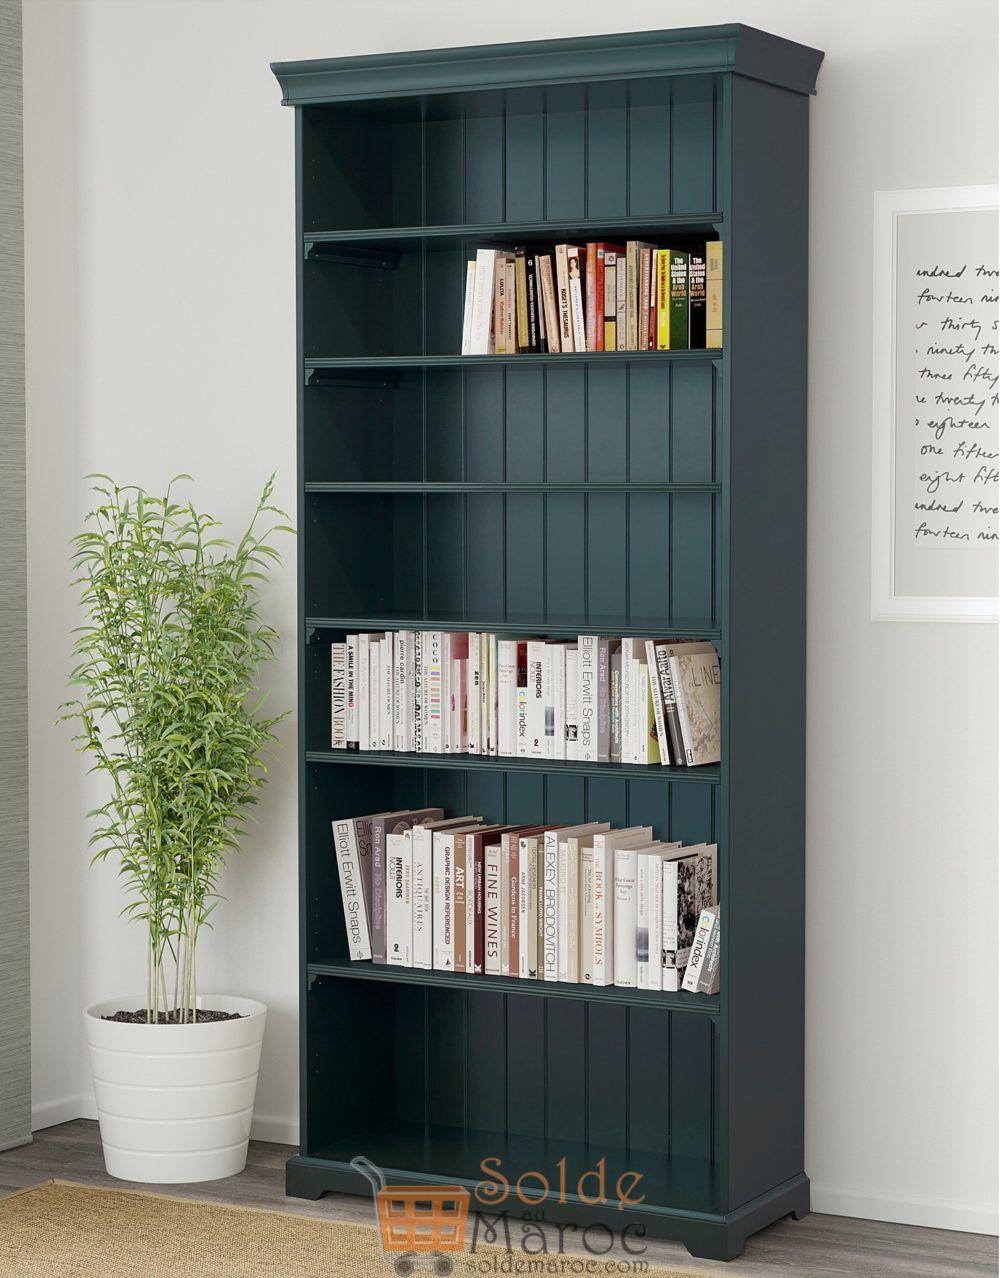 Soldes Ikea Maroc Bibliothèque LIATORP vert-olive foncé 2150Dhs au lieu de 2795Dhs